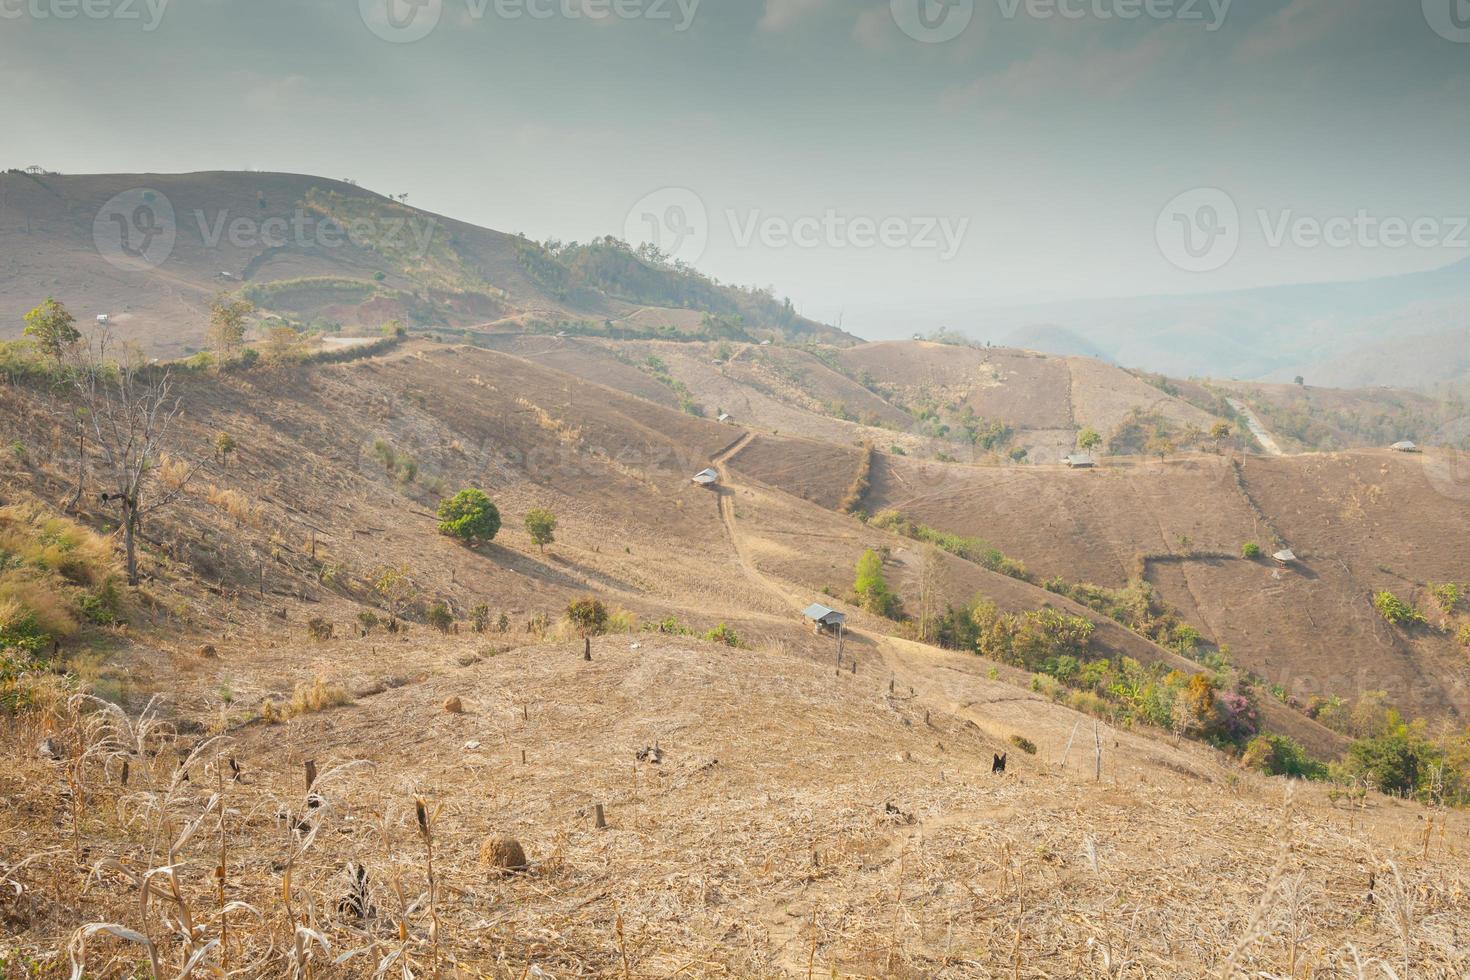 campi sul lato di una montagna foto